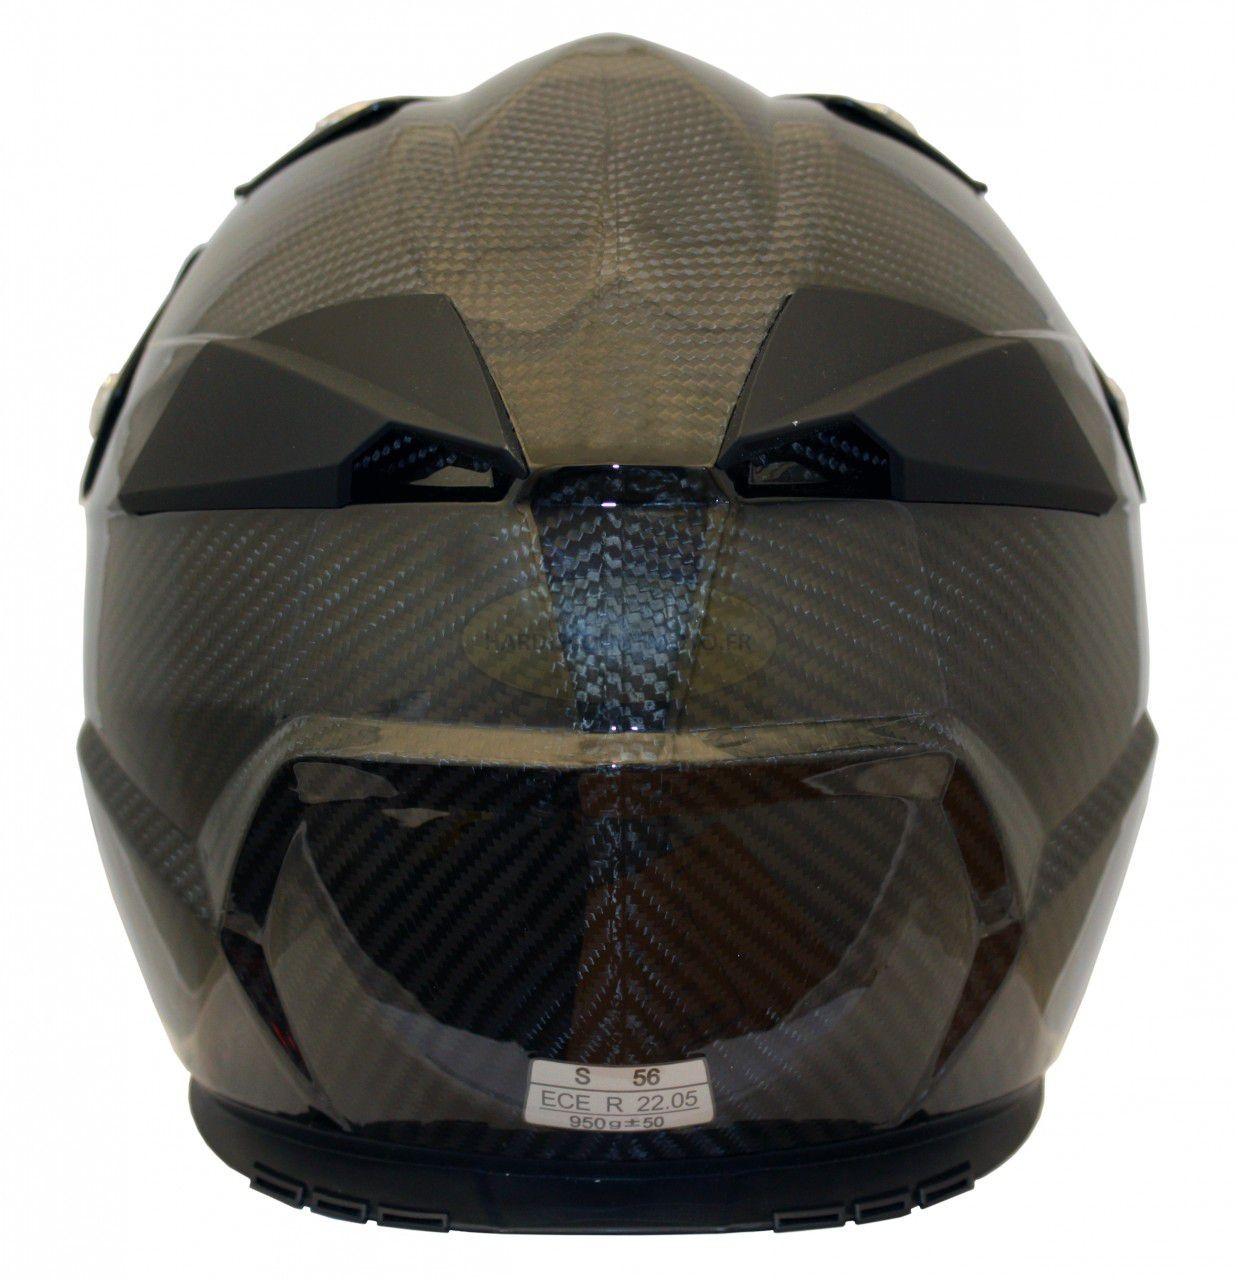 Casque Moto Cross S810 Carbone - Image 3